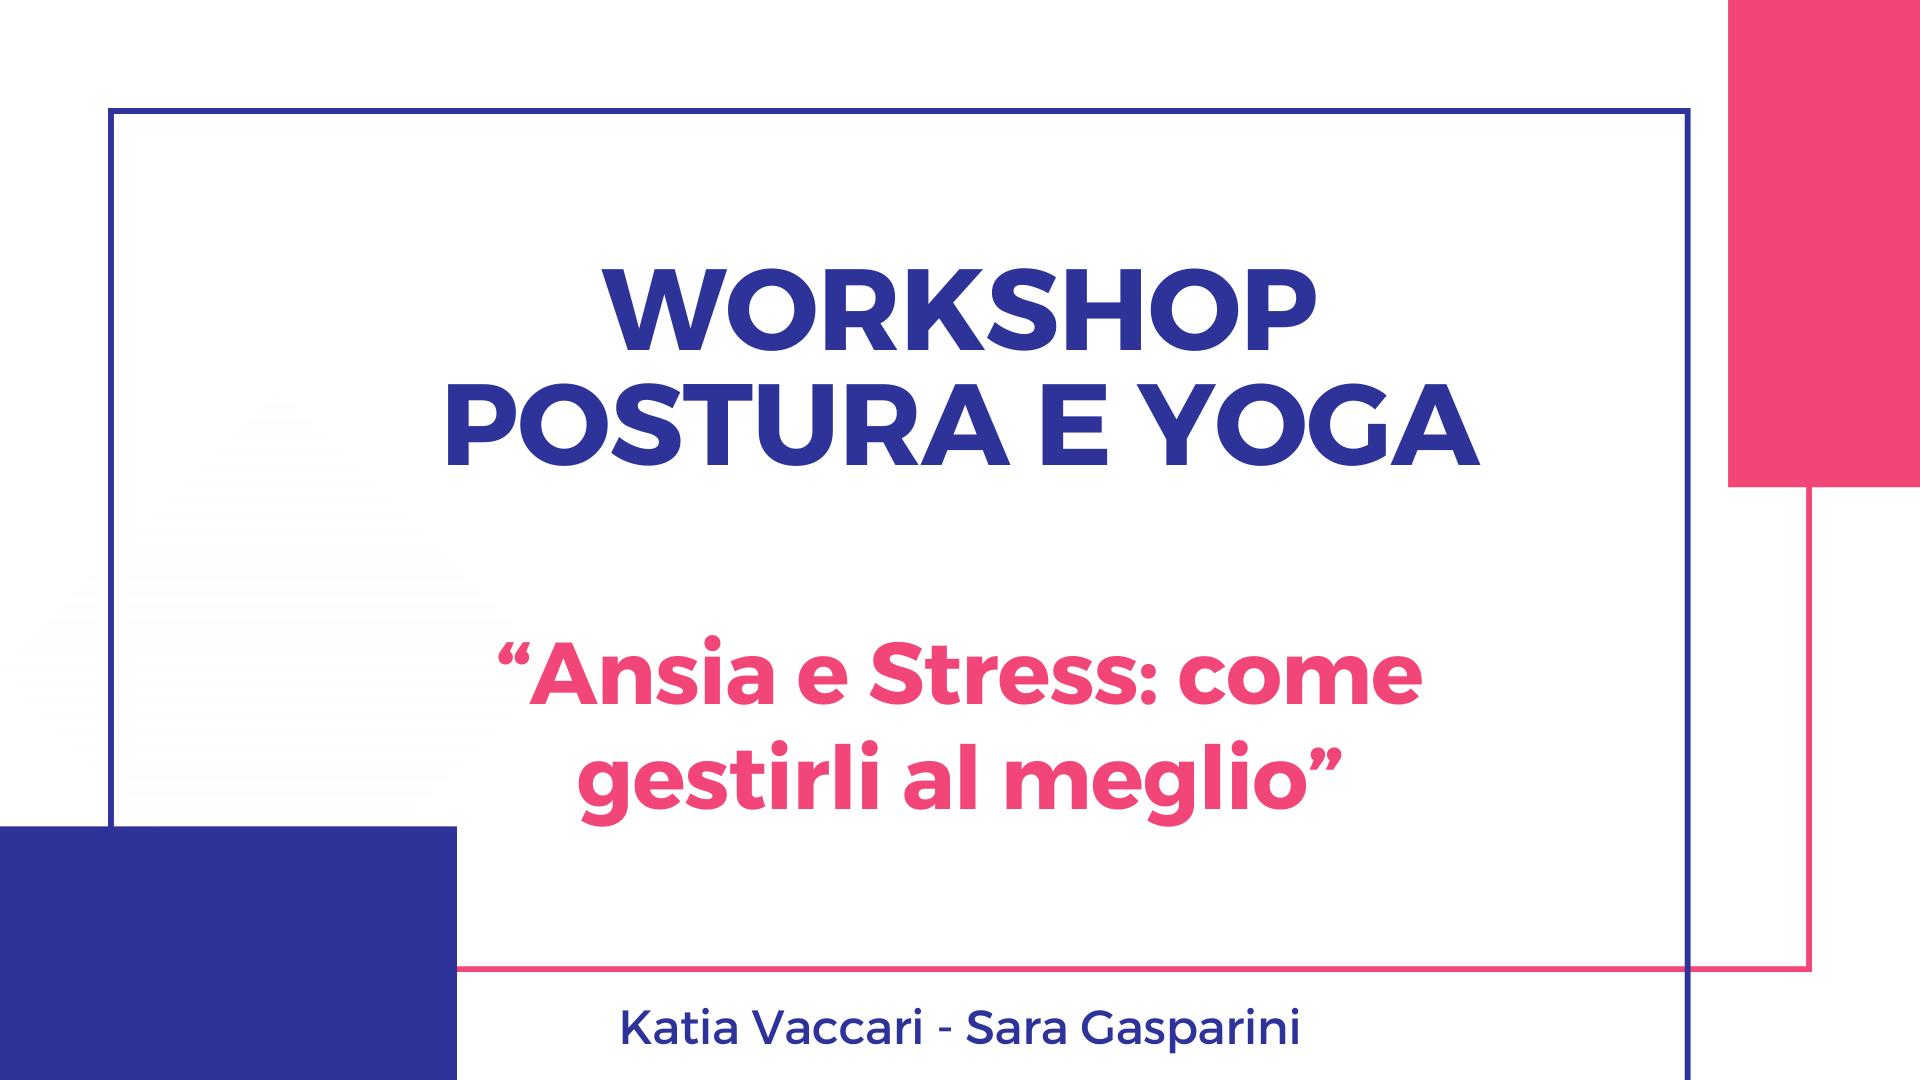 ansia e stress workshop postura e yoga